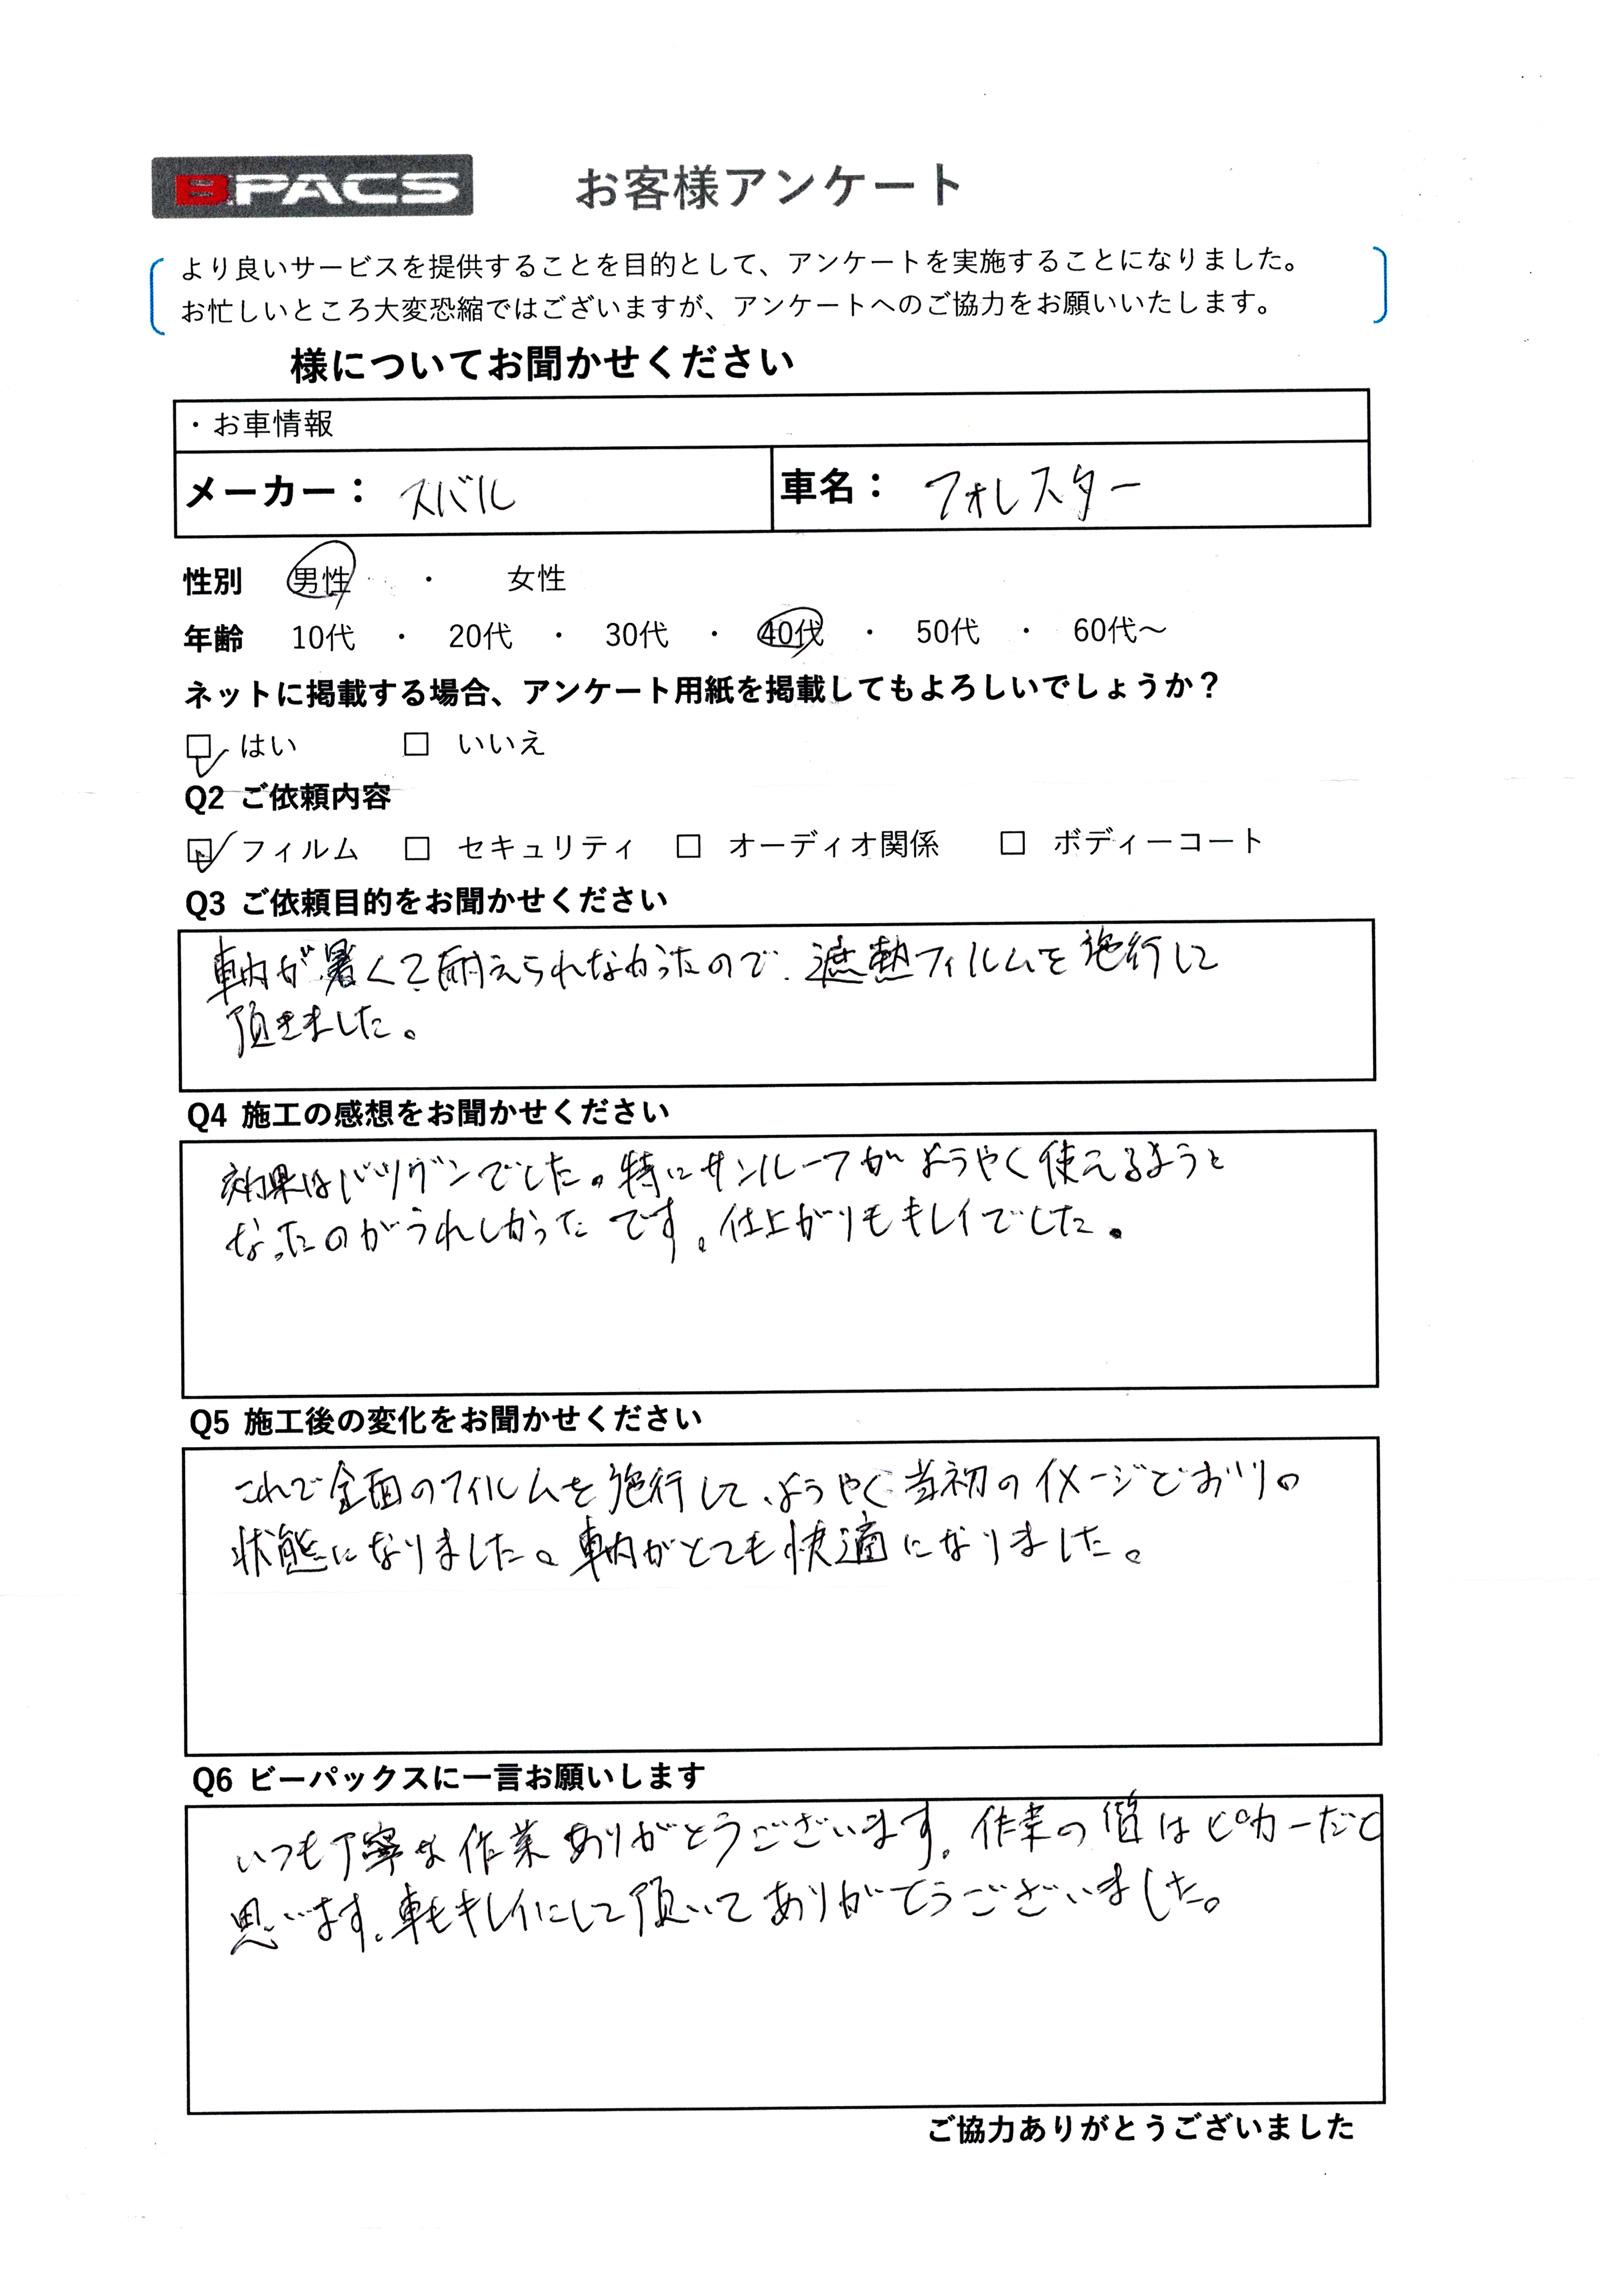 ビーパックスへのクチコミ/お客様の声:M.M. 様(大阪市城東区)/スバル フォレスター